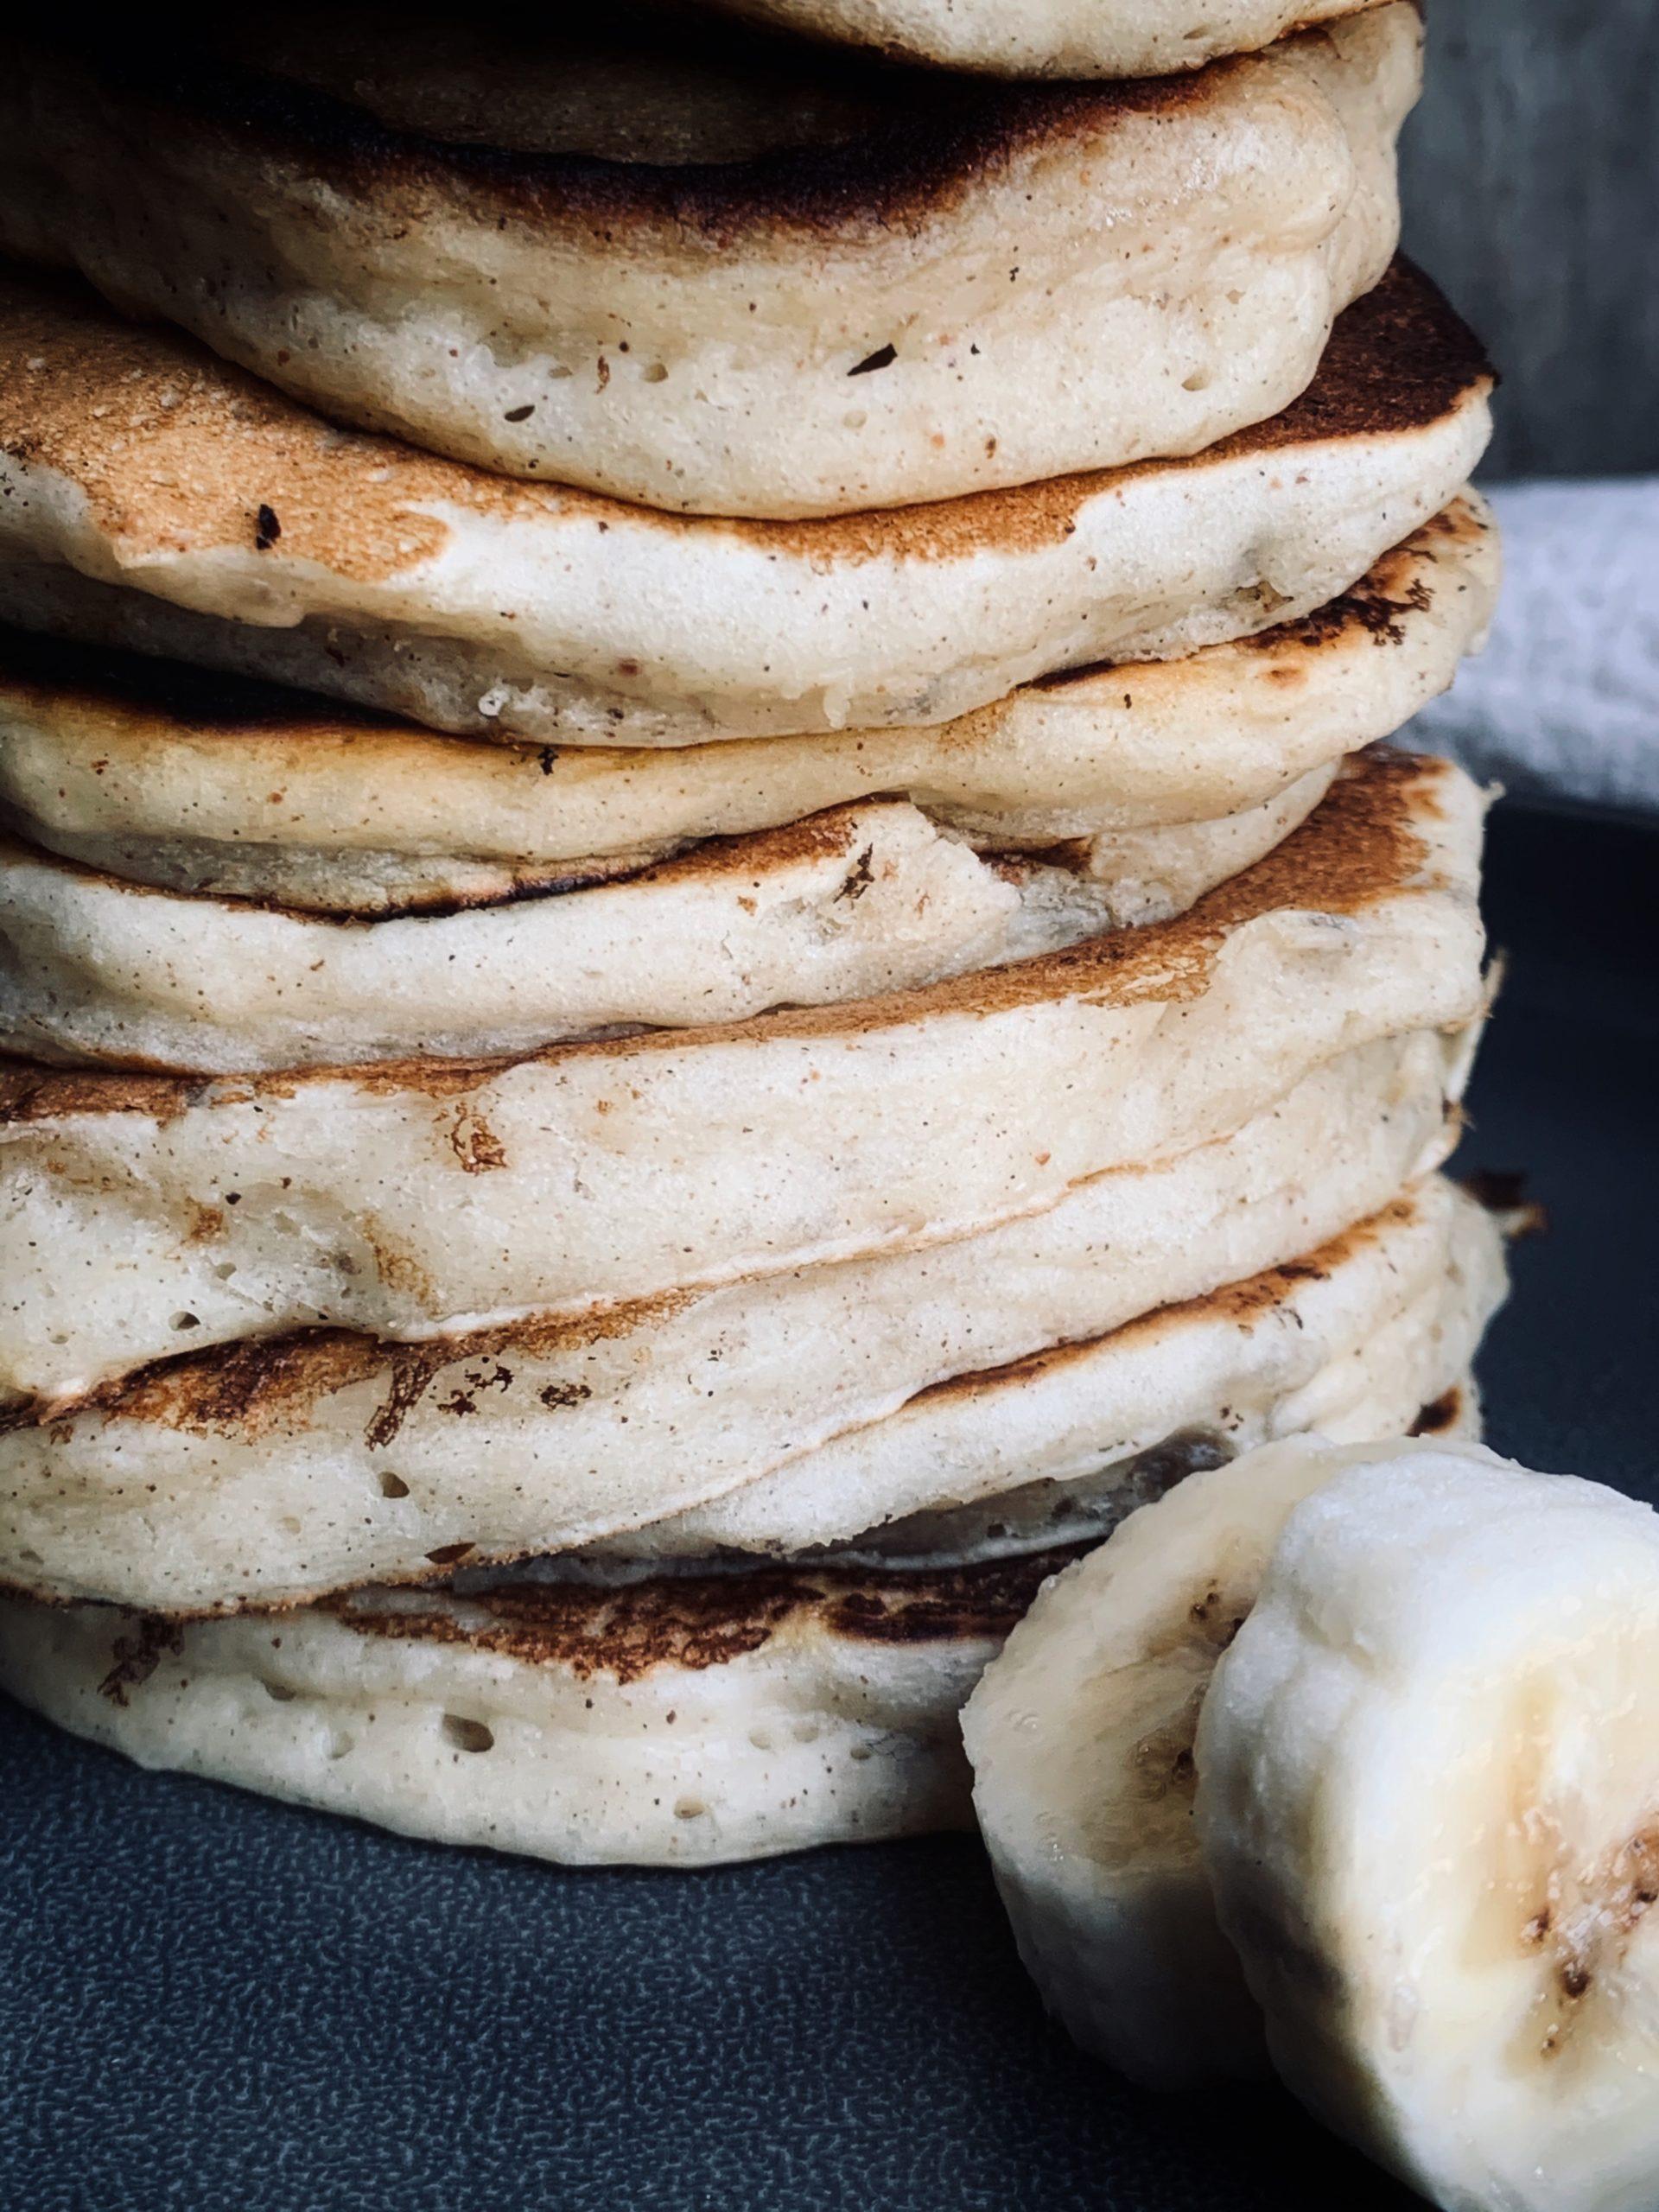 close up photo of banana pancakes